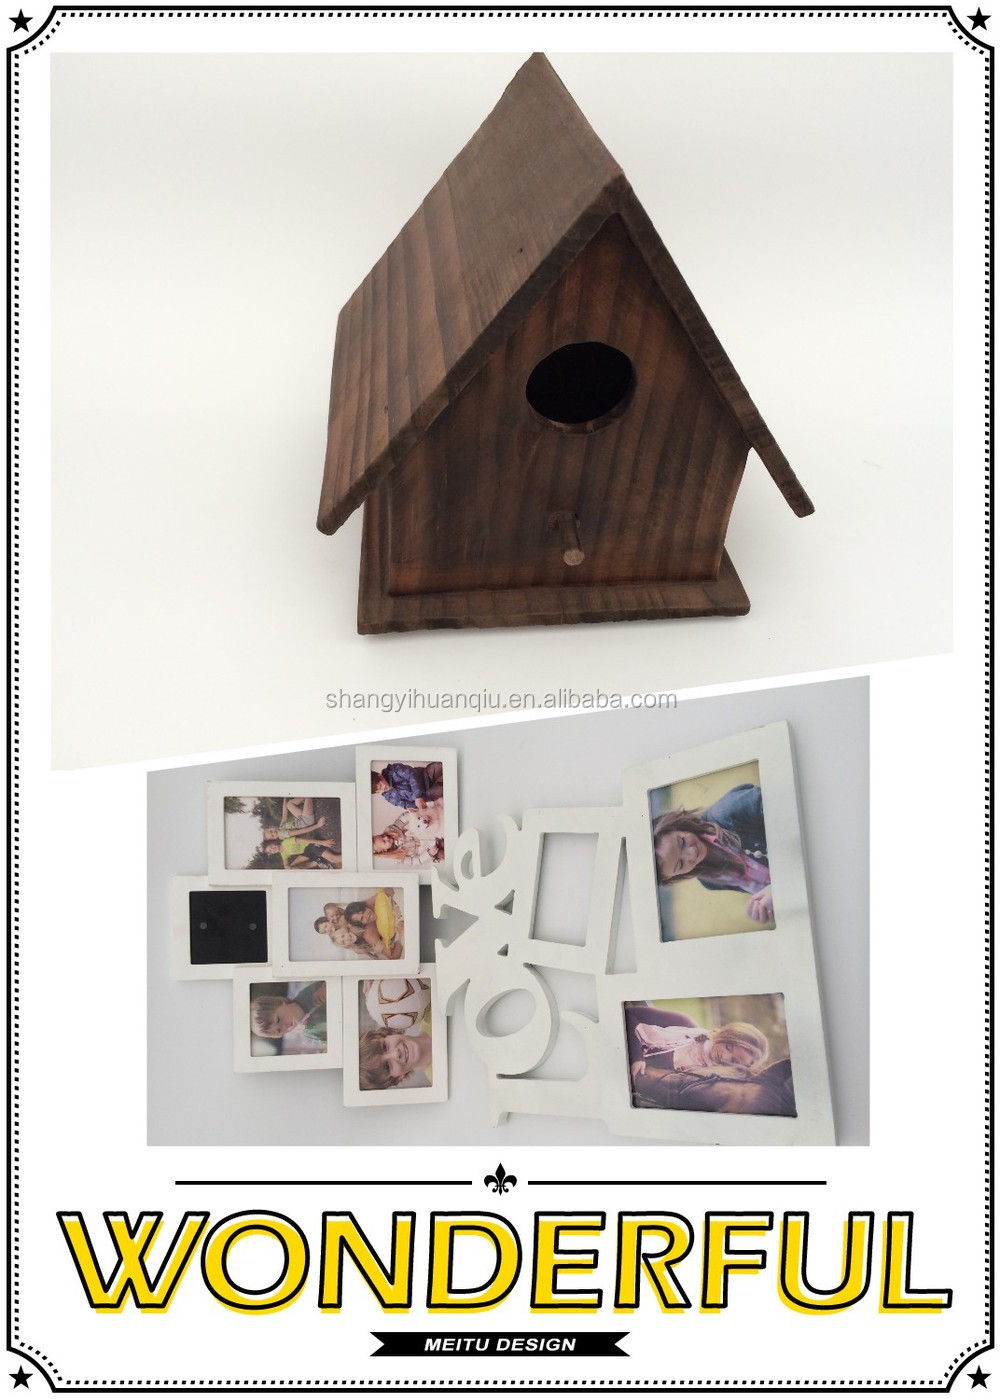 madeira de pinho e madeira stakble ajudando bandeja de armazenamento